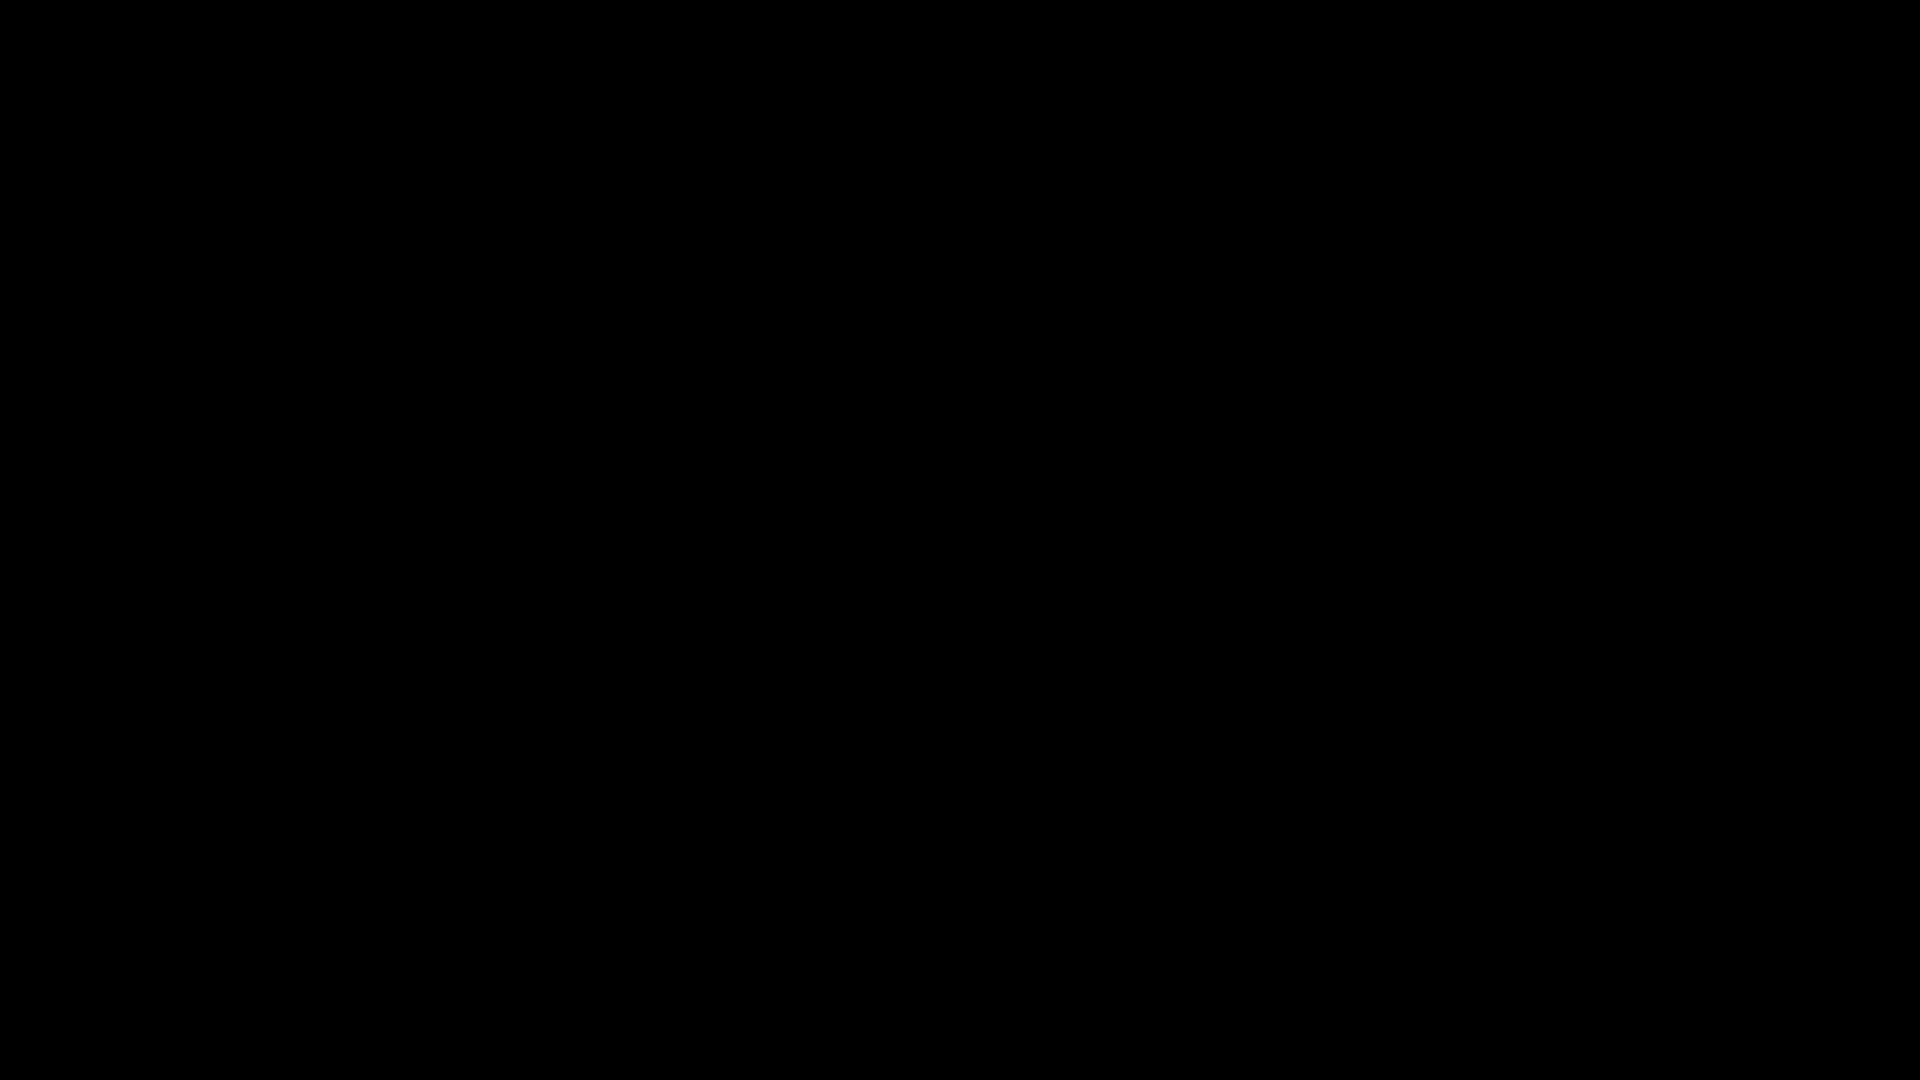 7 इंच 800*480/1024*600 एलसीडी कैपेसिटिव टच स्क्रीन प्रदर्शन के लिए रास्पबेरी गड़बड़ी 4/3 बी +